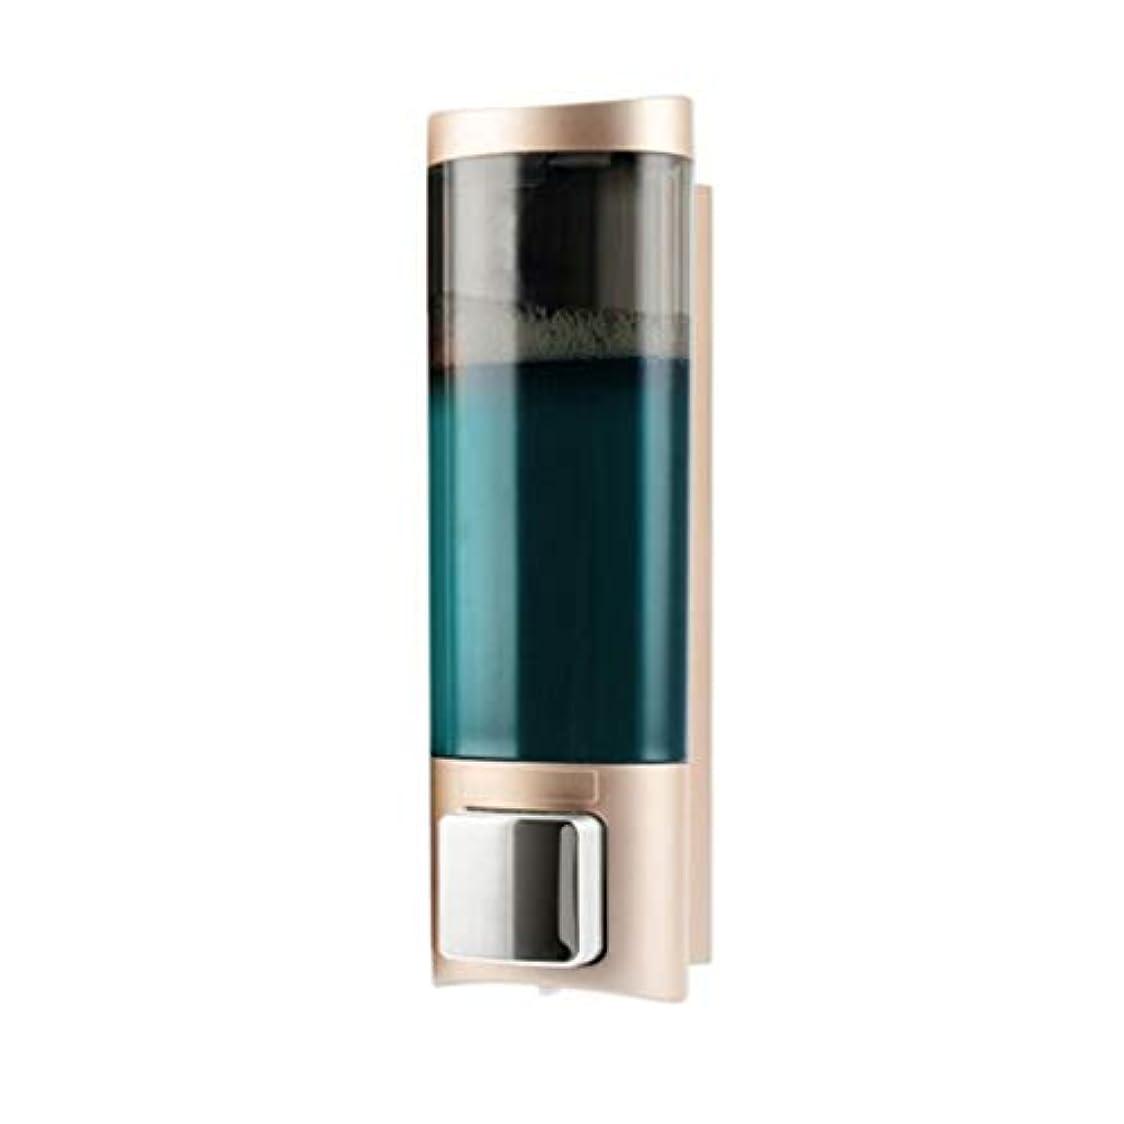 スペイン無駄手首Kylinssh 液体石鹸ディスペンサーポンプ、浴室または台所、家のホテル - ステンレス鋼のために理想的な壁の台紙の石鹸/ローションディスペンサーポンプ